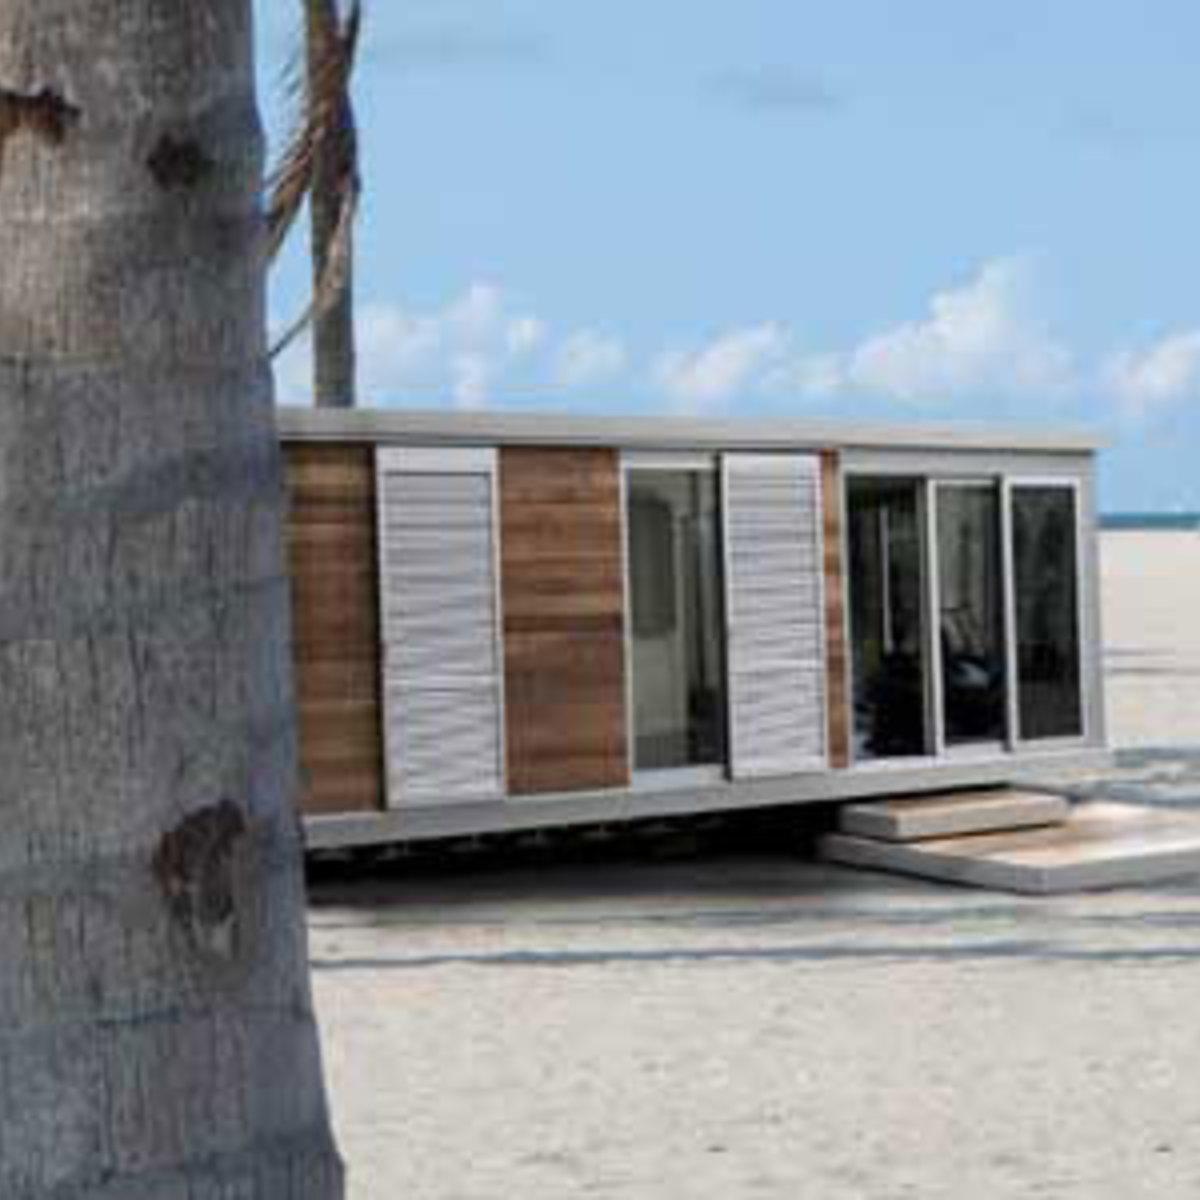 Trois Modeles De Mobile Homes Projetes Par Hangar Design